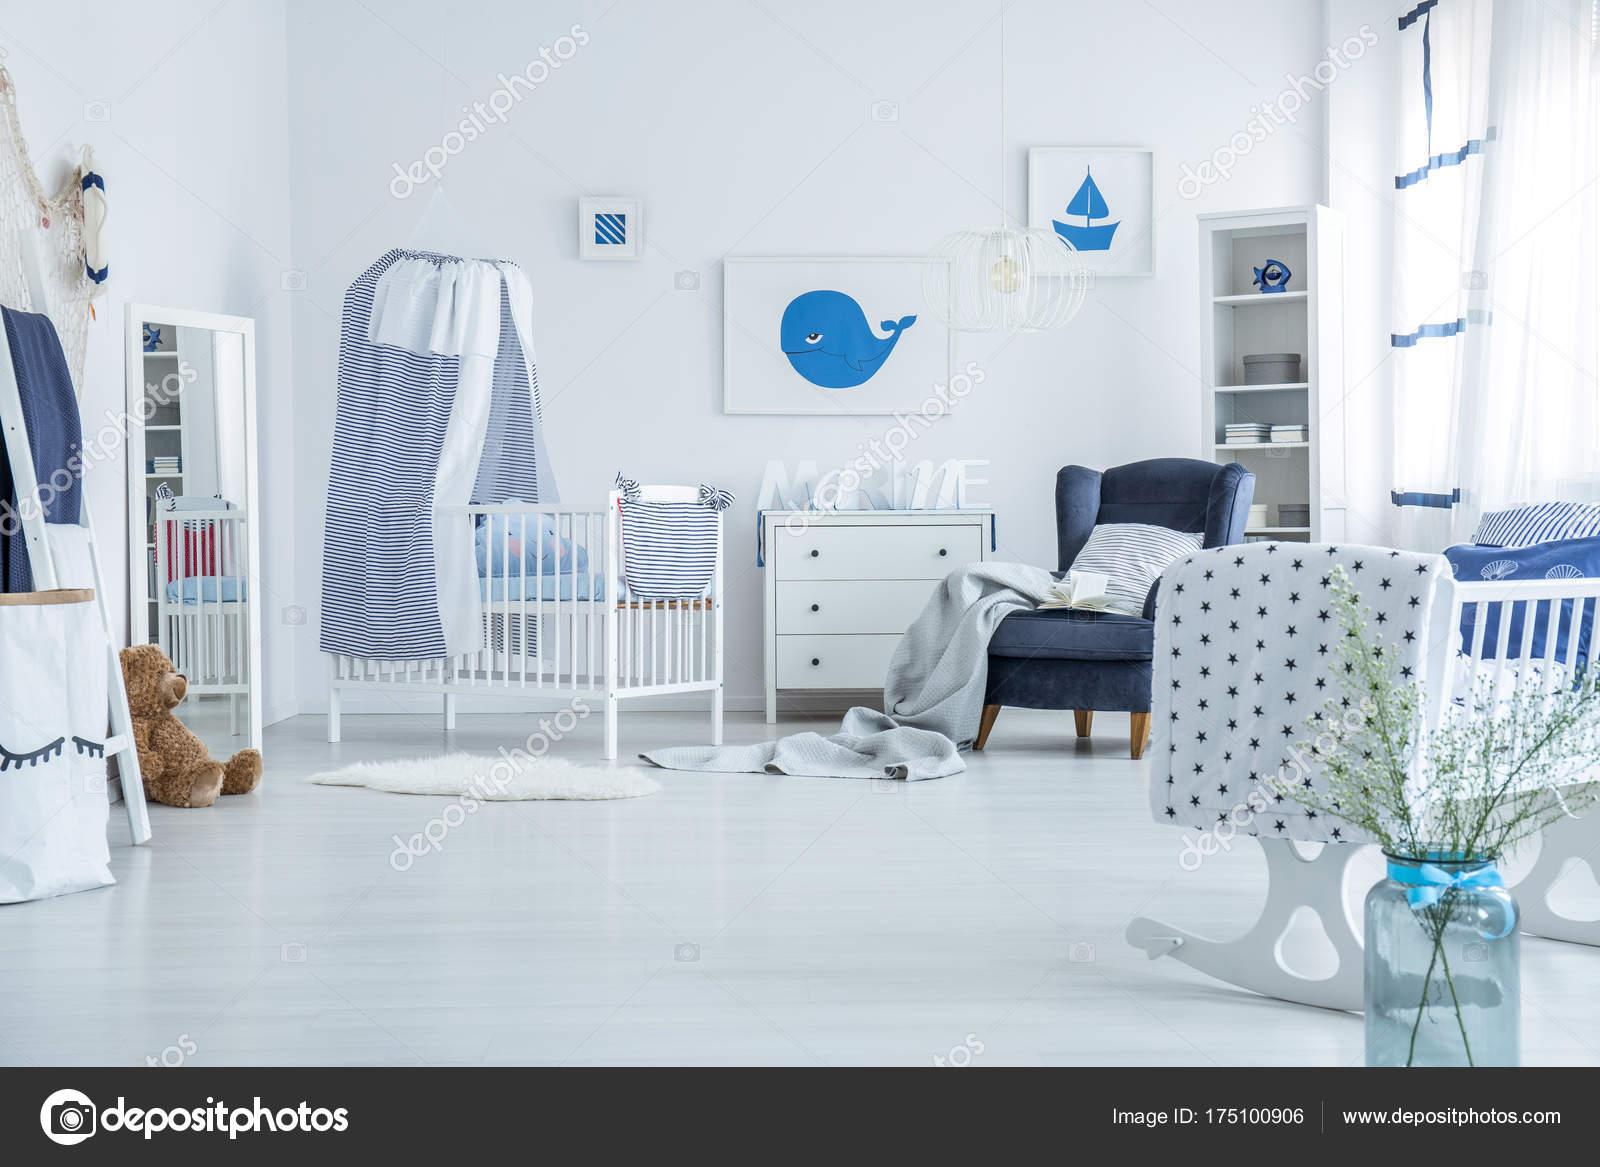 Camera Da Letto Blu Balena : Camera da letto camera da letto blu camera da letto blu e bianca